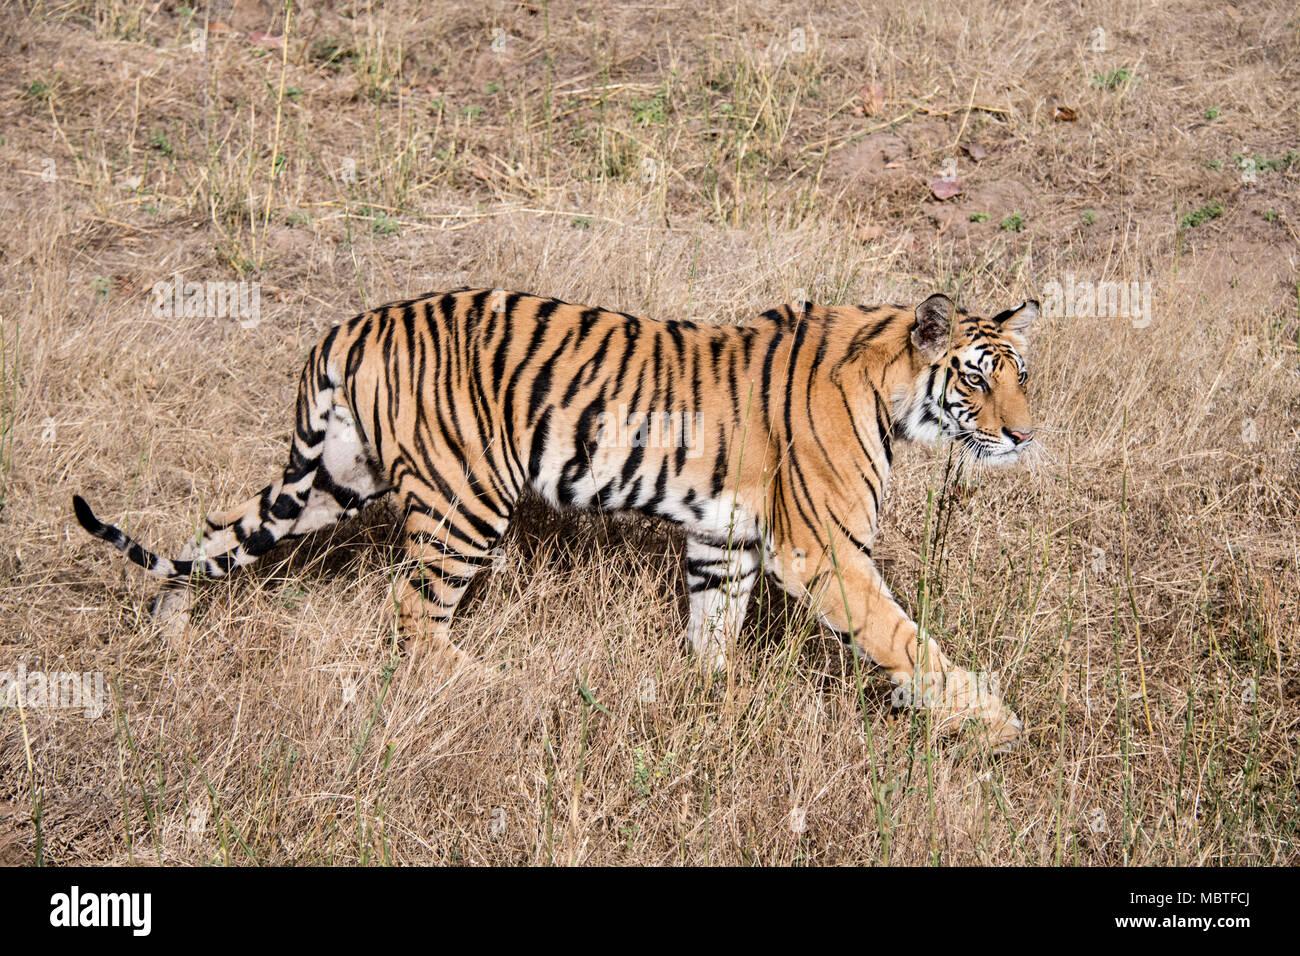 Deux ans homme tigre du Bengale, Panthera tigris tigris,vue latérale, pleine longueur, marchant dans la Réserve de tigres de Bandhavgarh, Madhya Pradesh, Inde Photo Stock